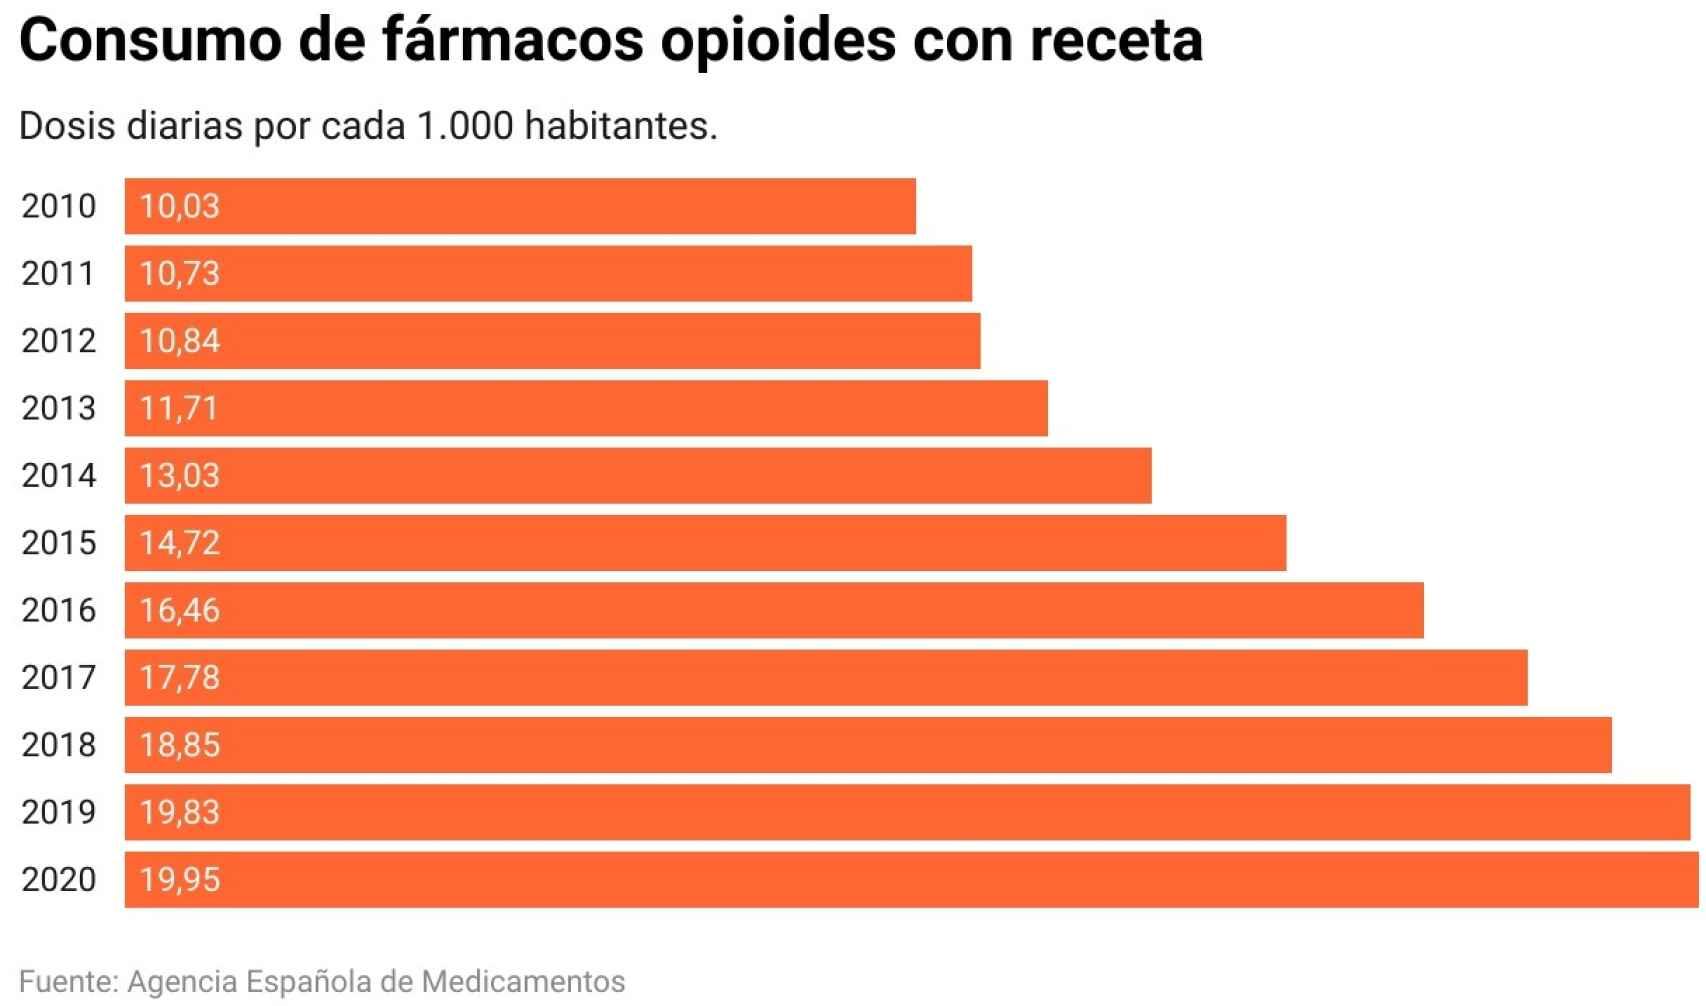 Consumo de fármacos opioides con receta en España (incluye mayores y menores).